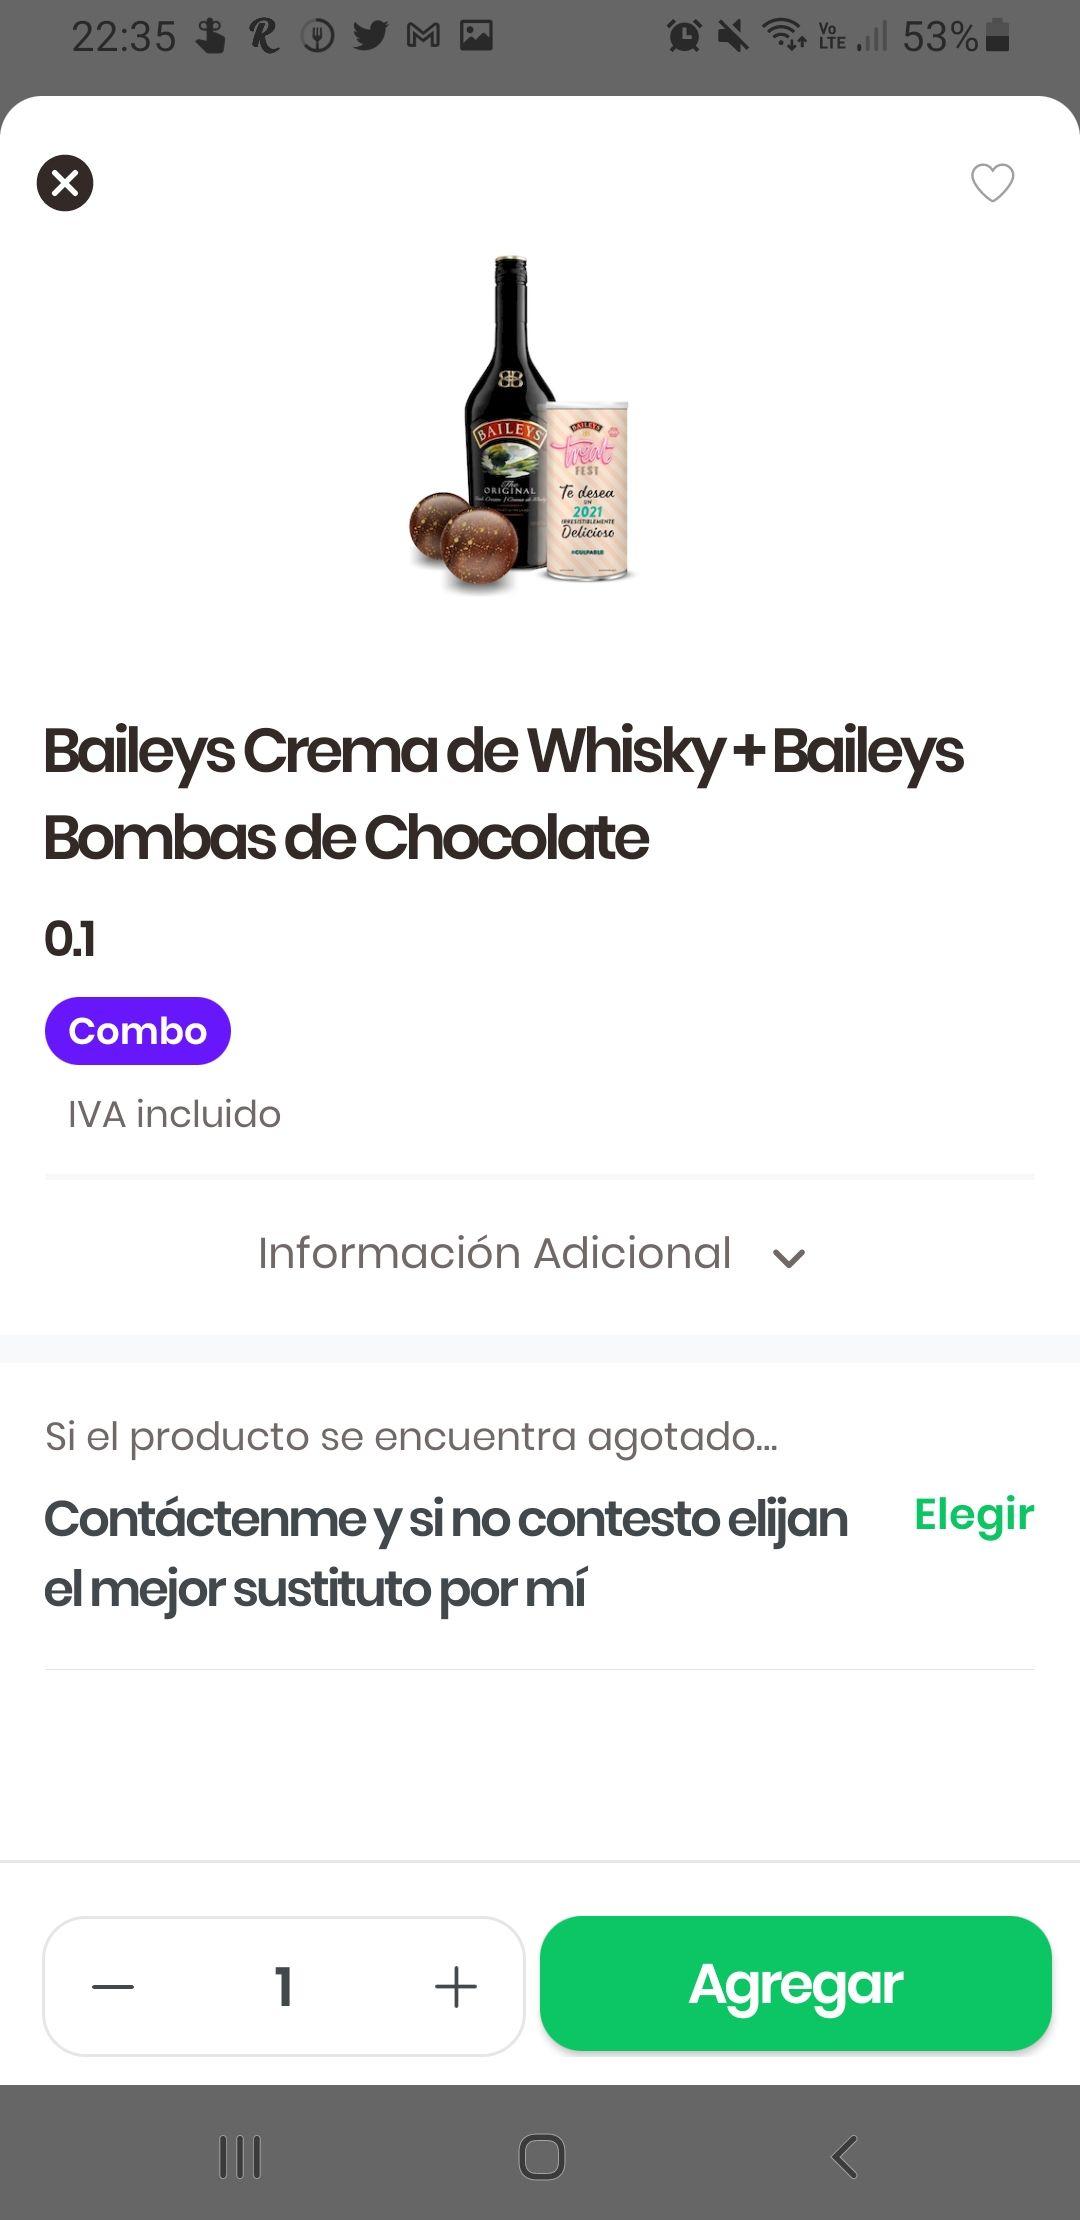 Rappi: Baileys casi regalado con compra mínima de $99 en Bebidas Ya